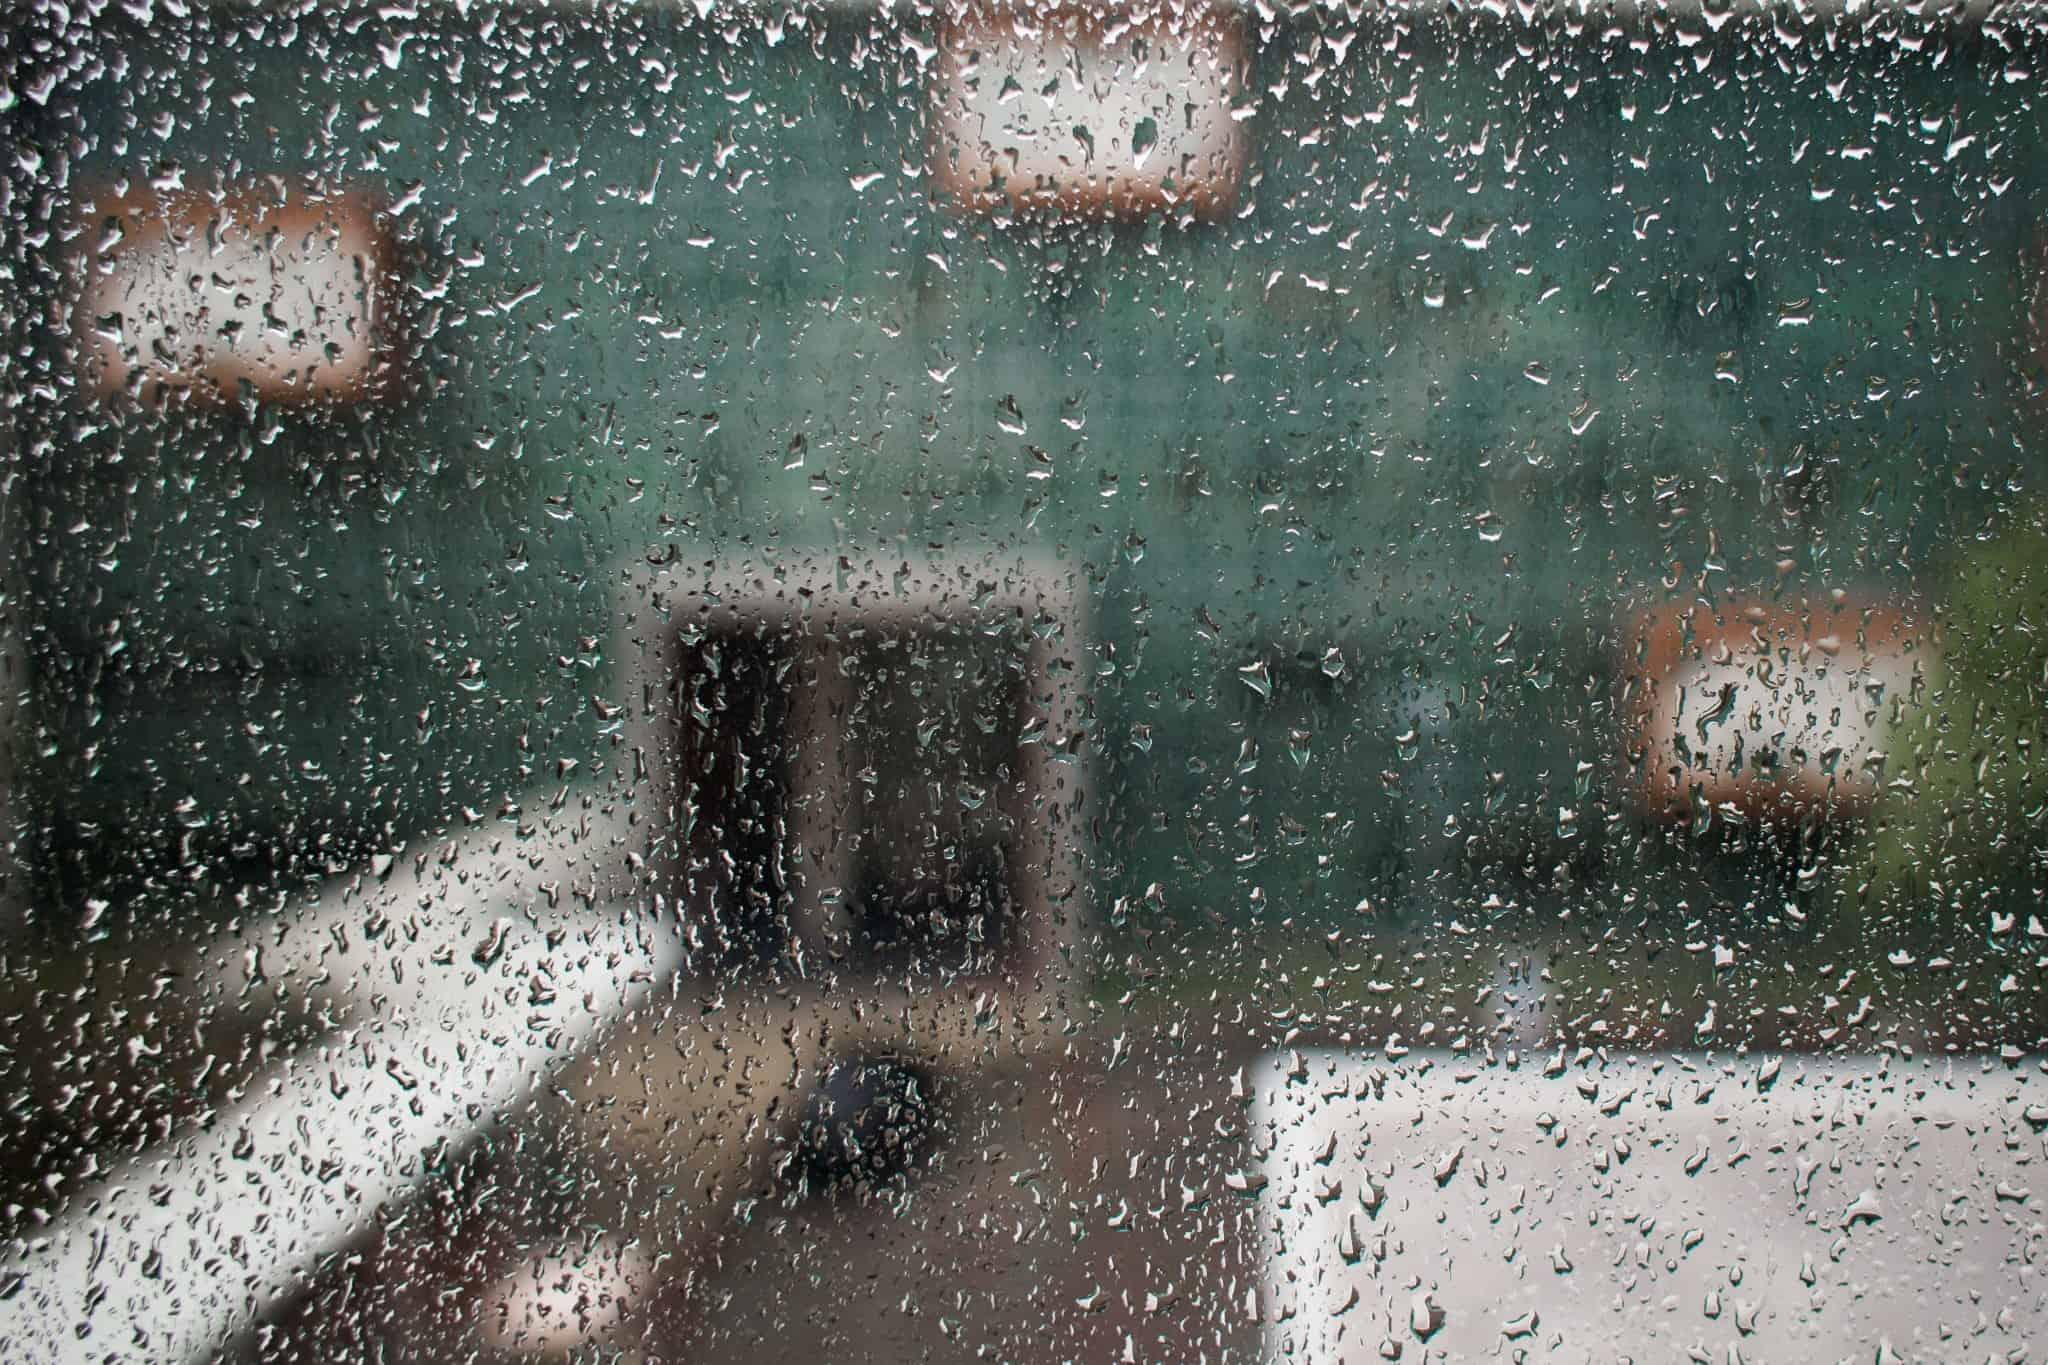 Rain is my comfort